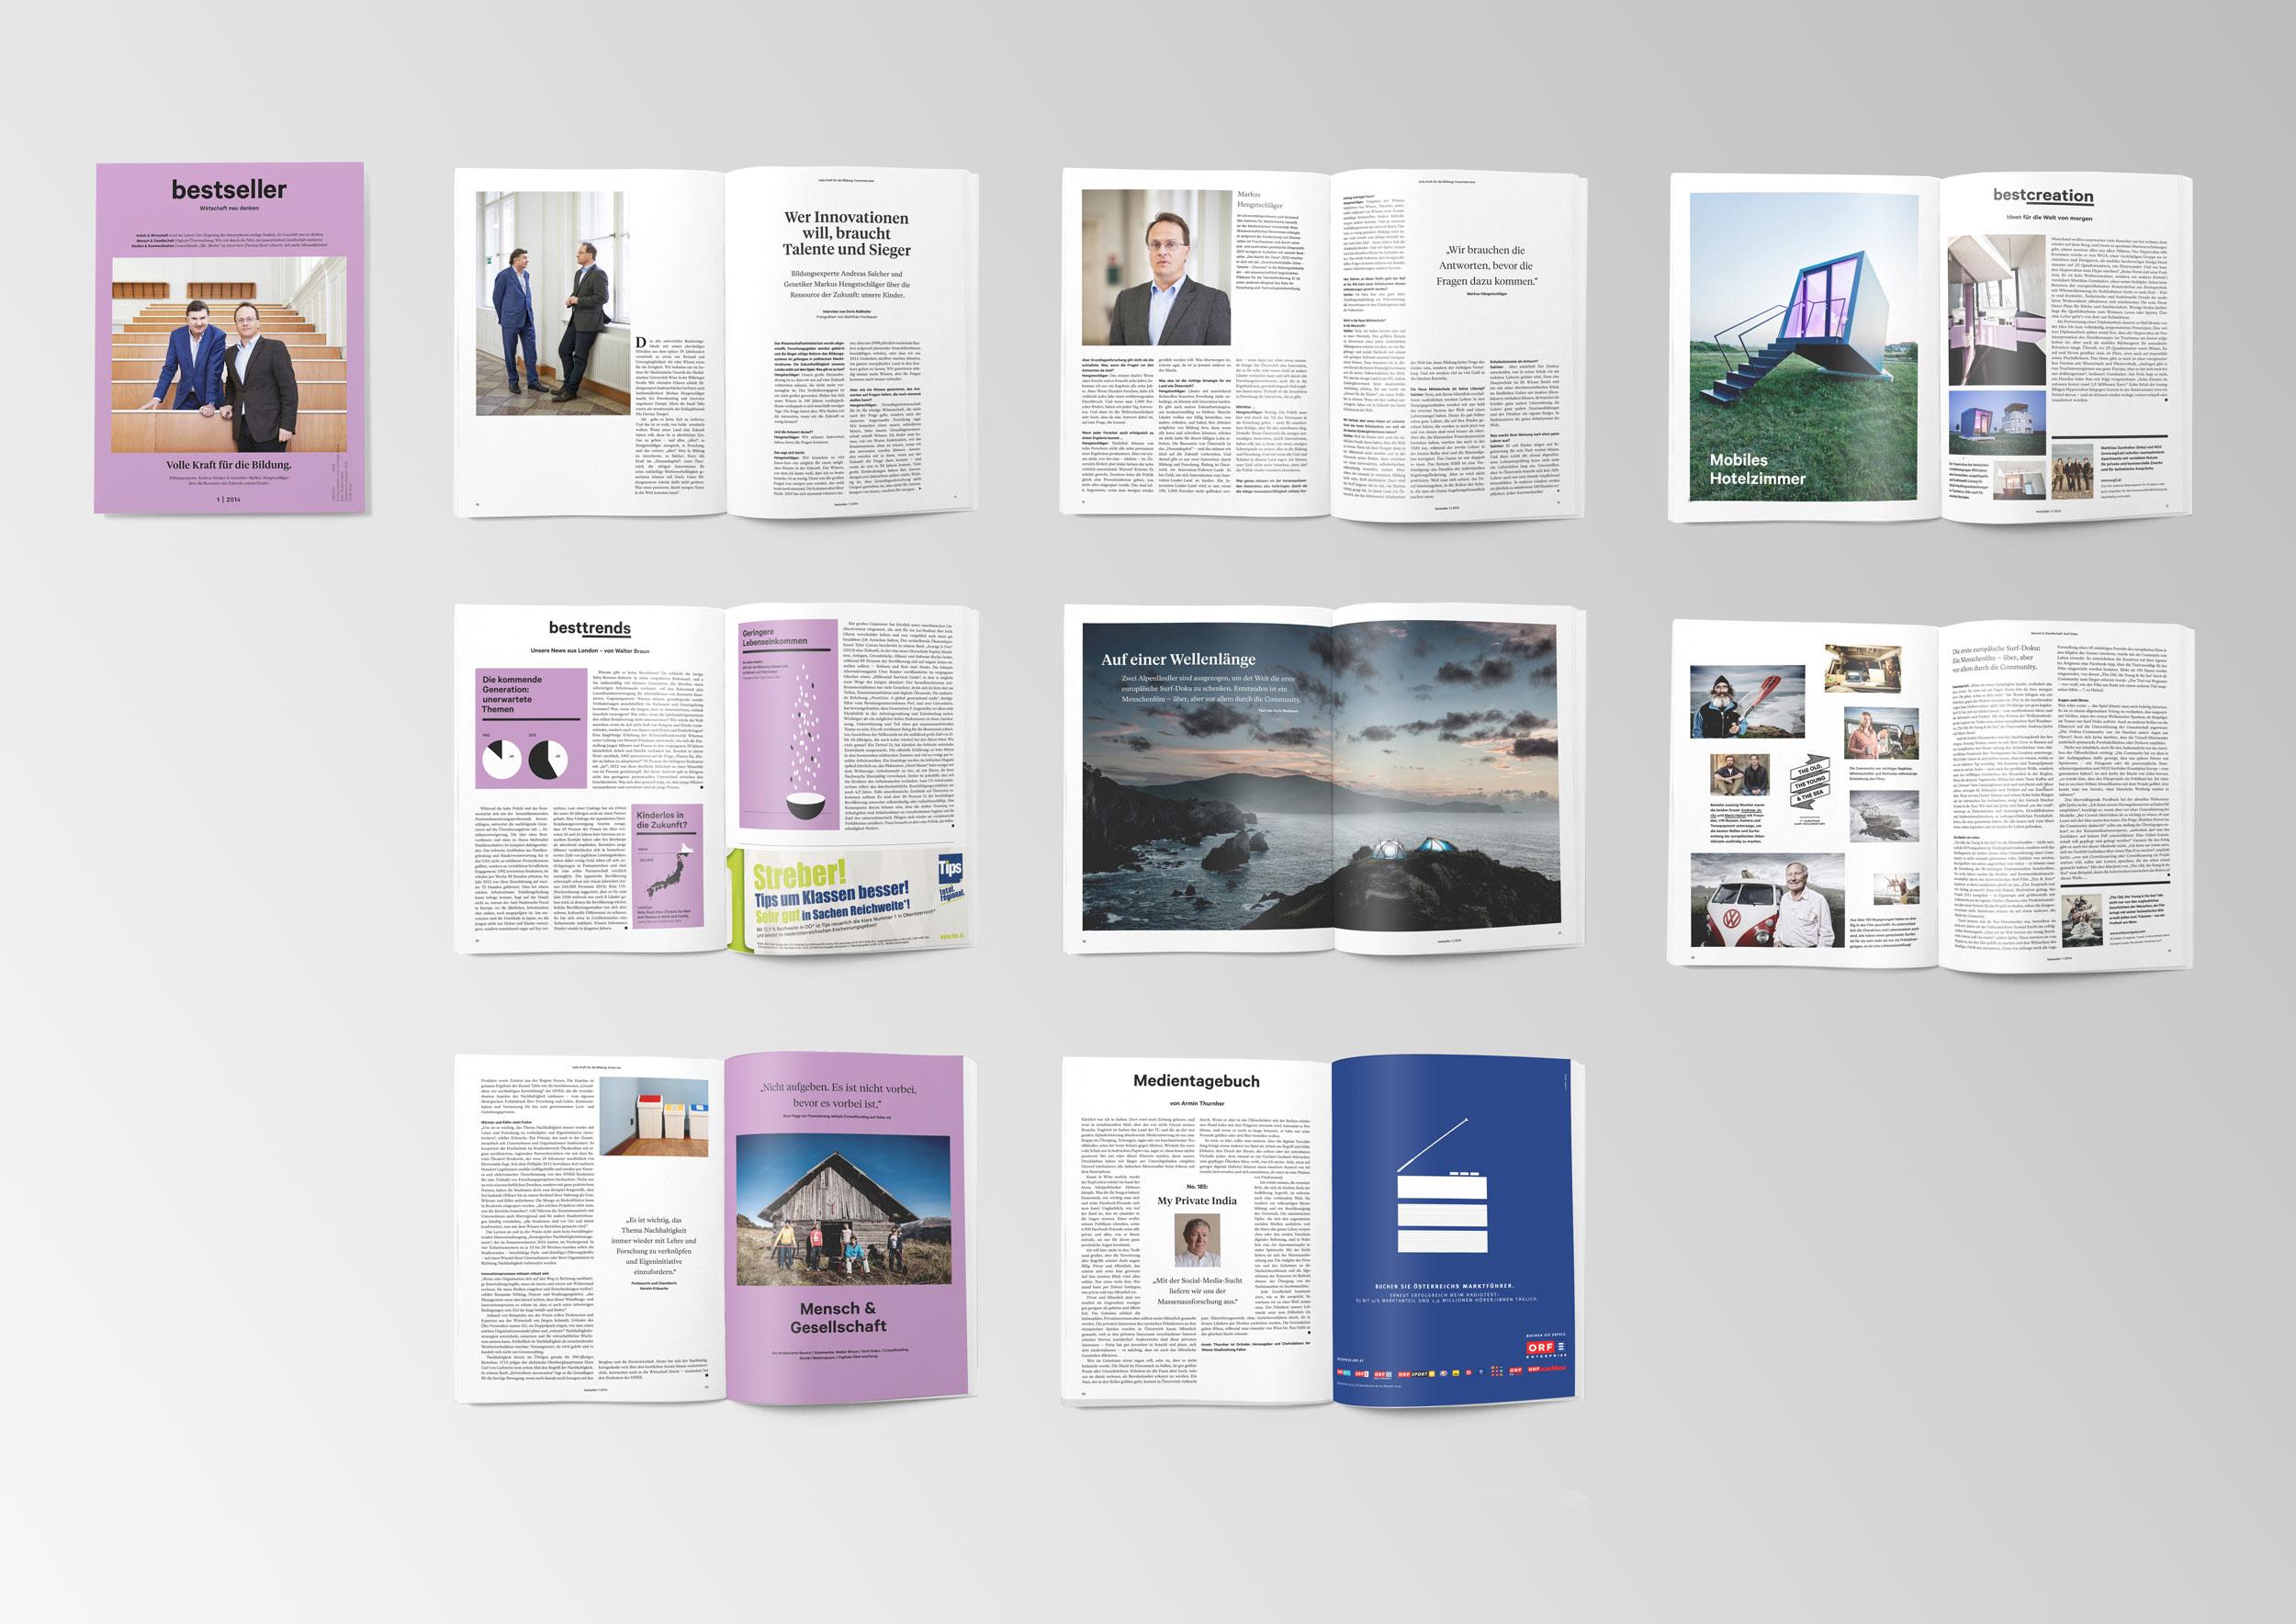 bestseller_sandra_reichl_03.jpg